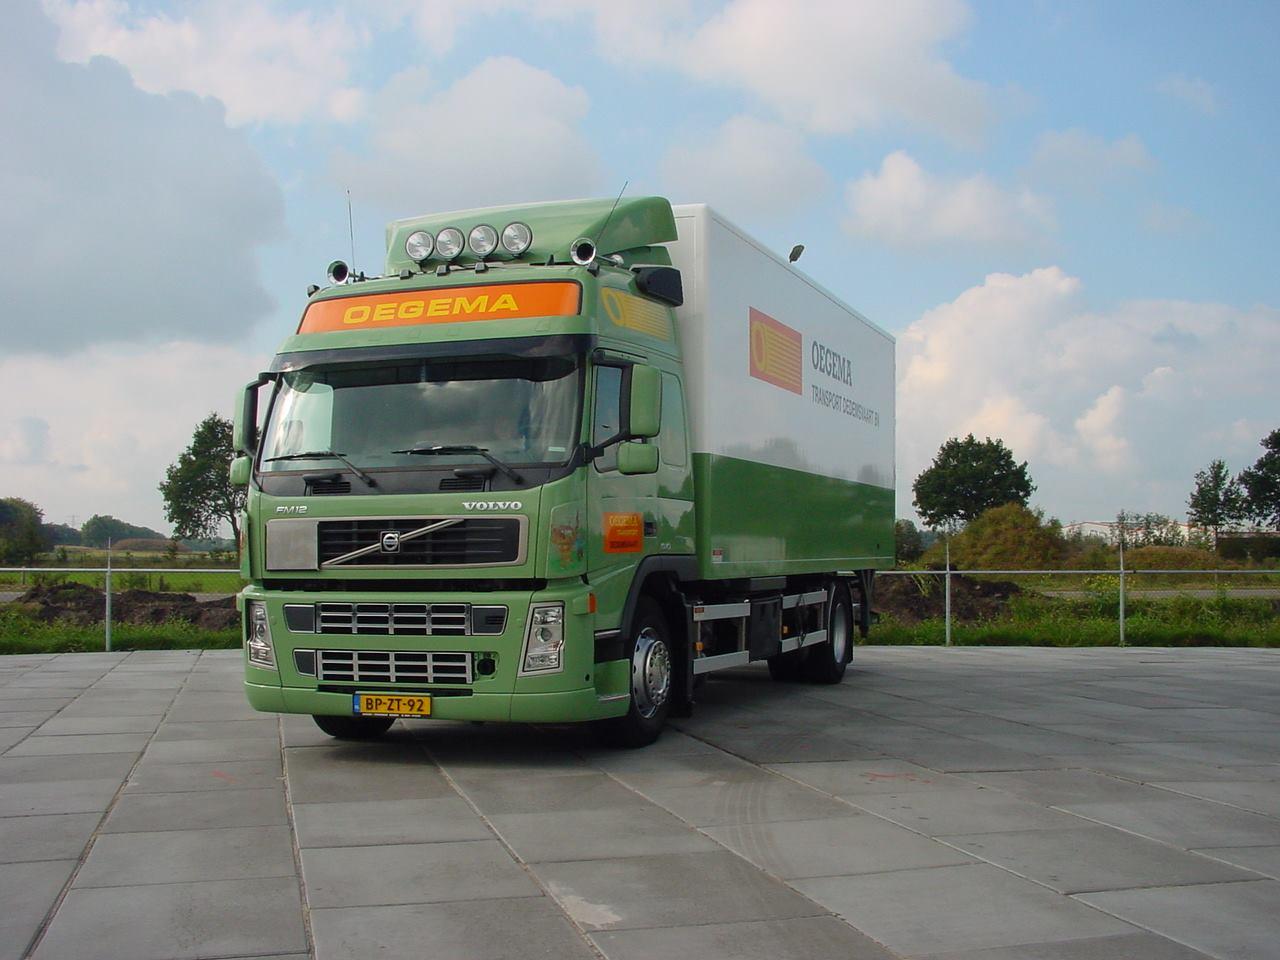 Mark-Koster-zijn-oude-wagen-met-ruim-1.-5-miljoen-km